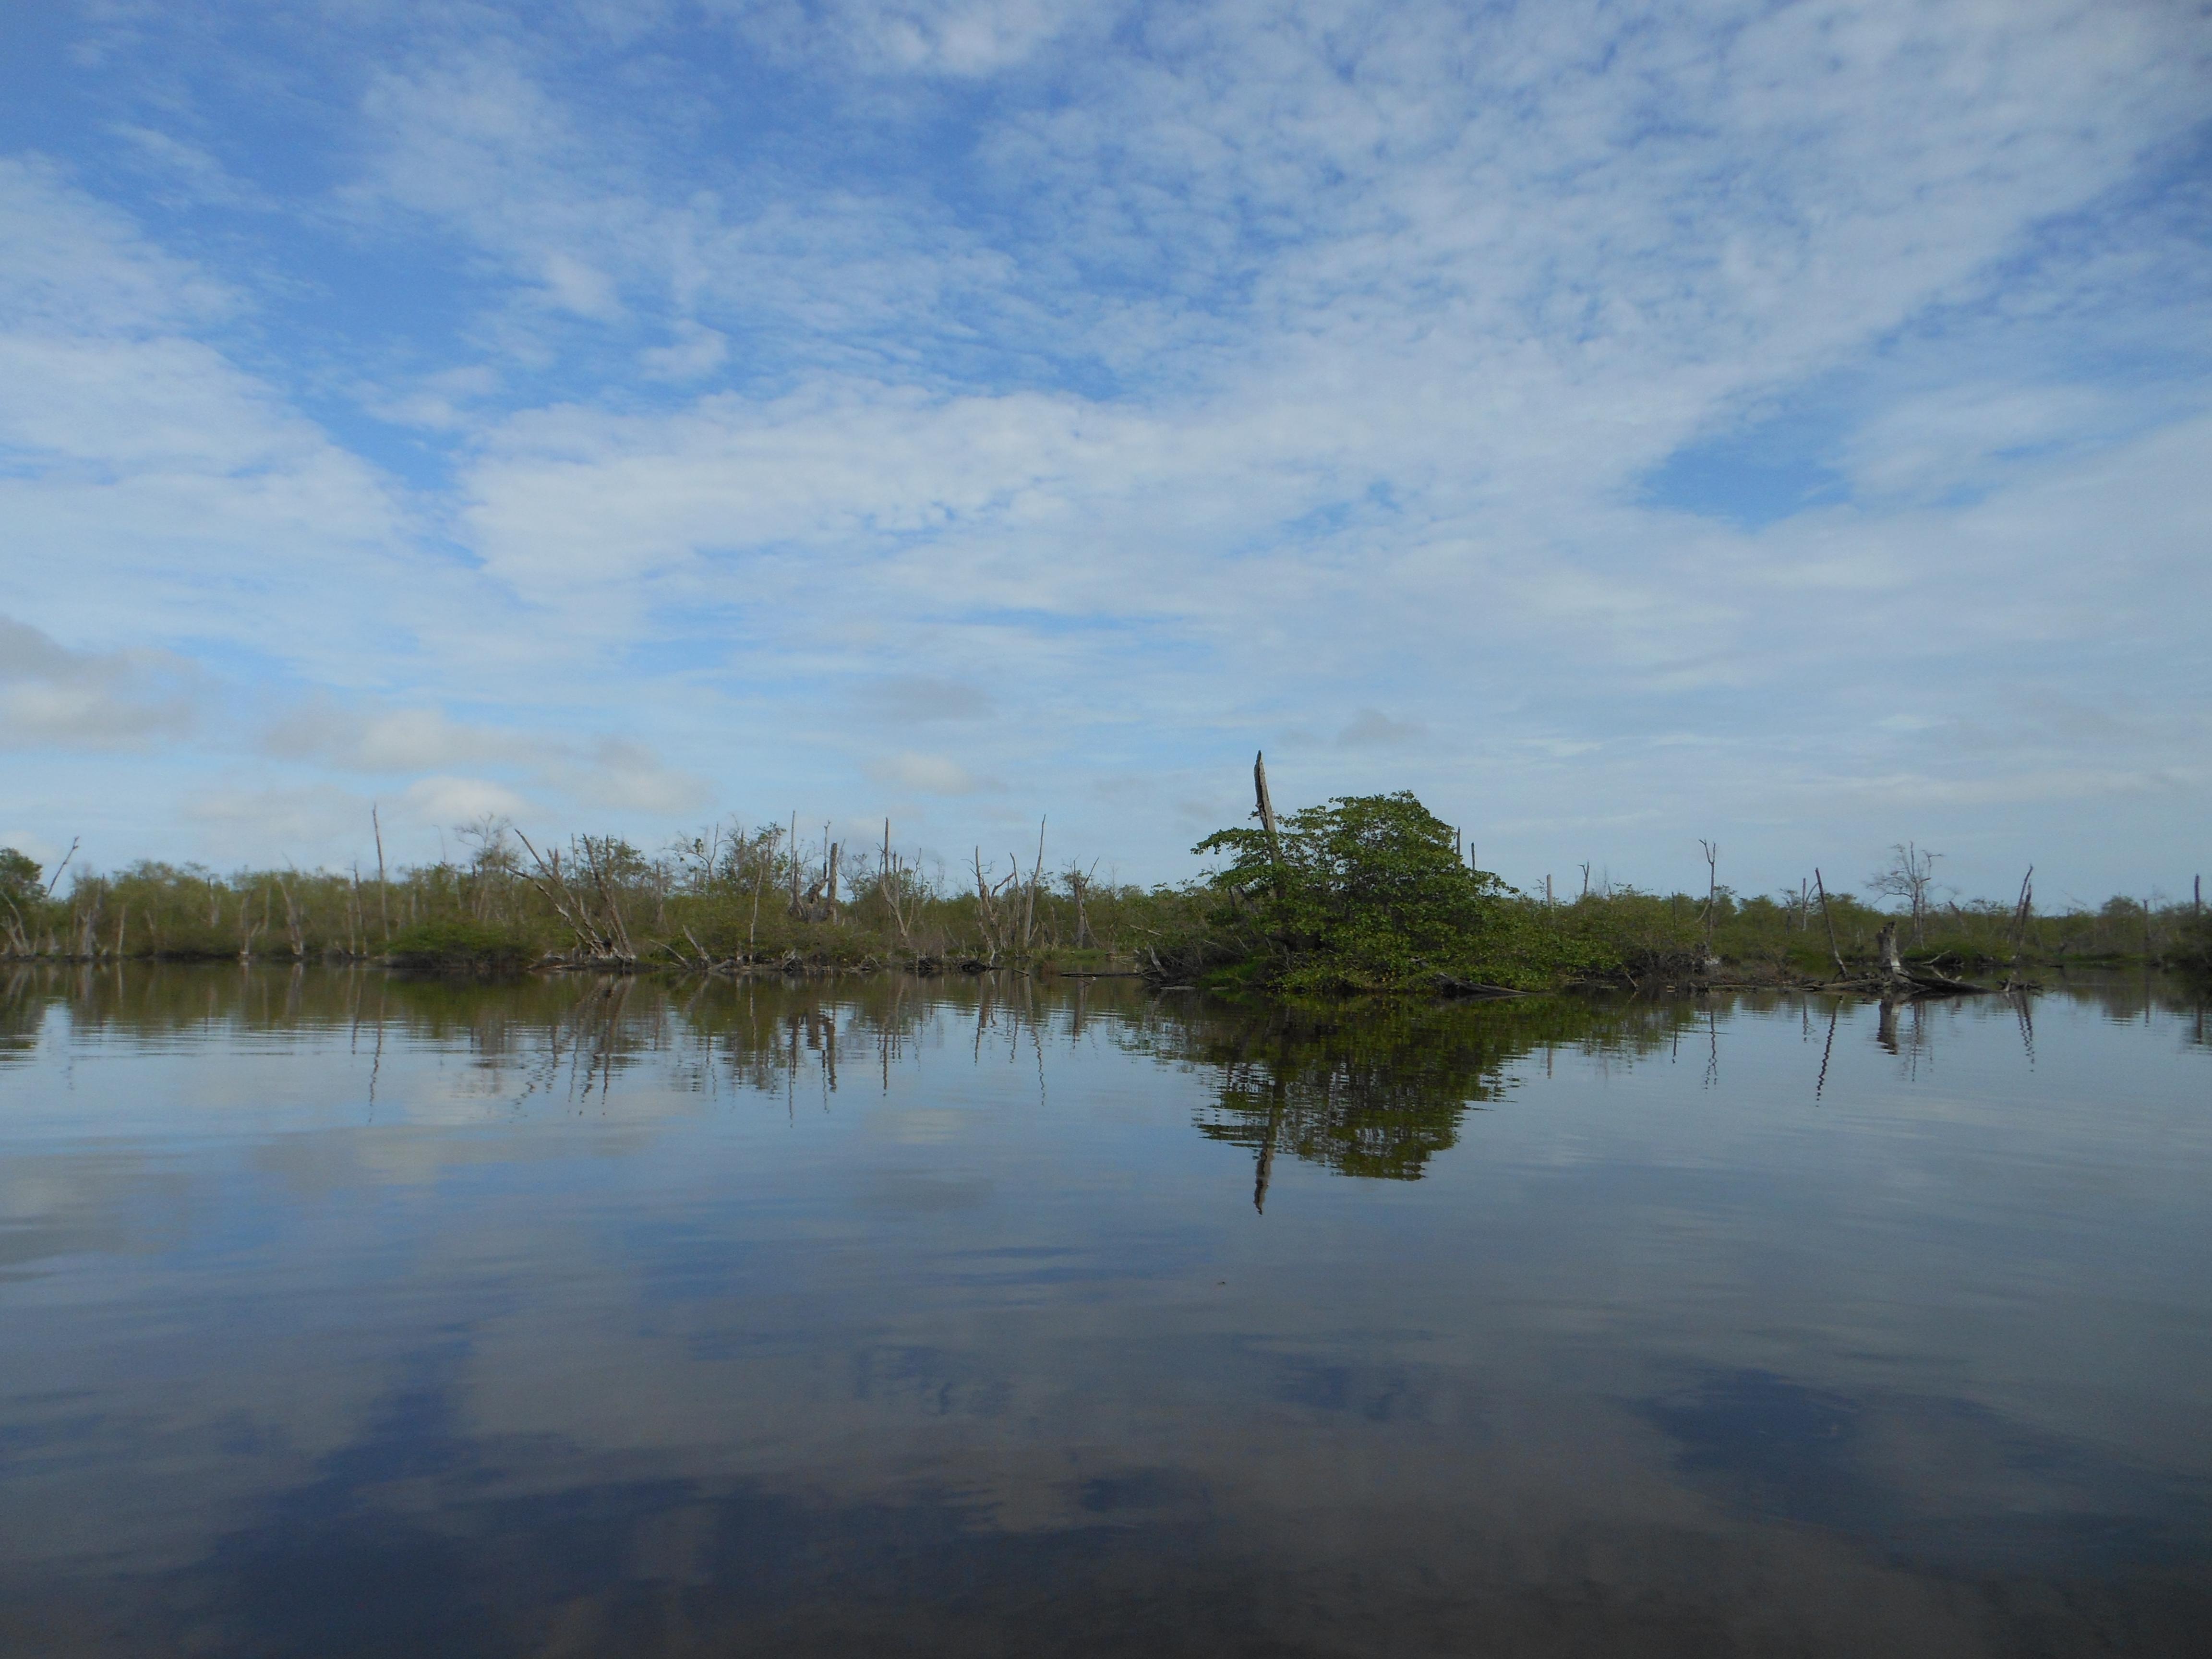 Suriname blog #10: Bigi, Bigi Pan